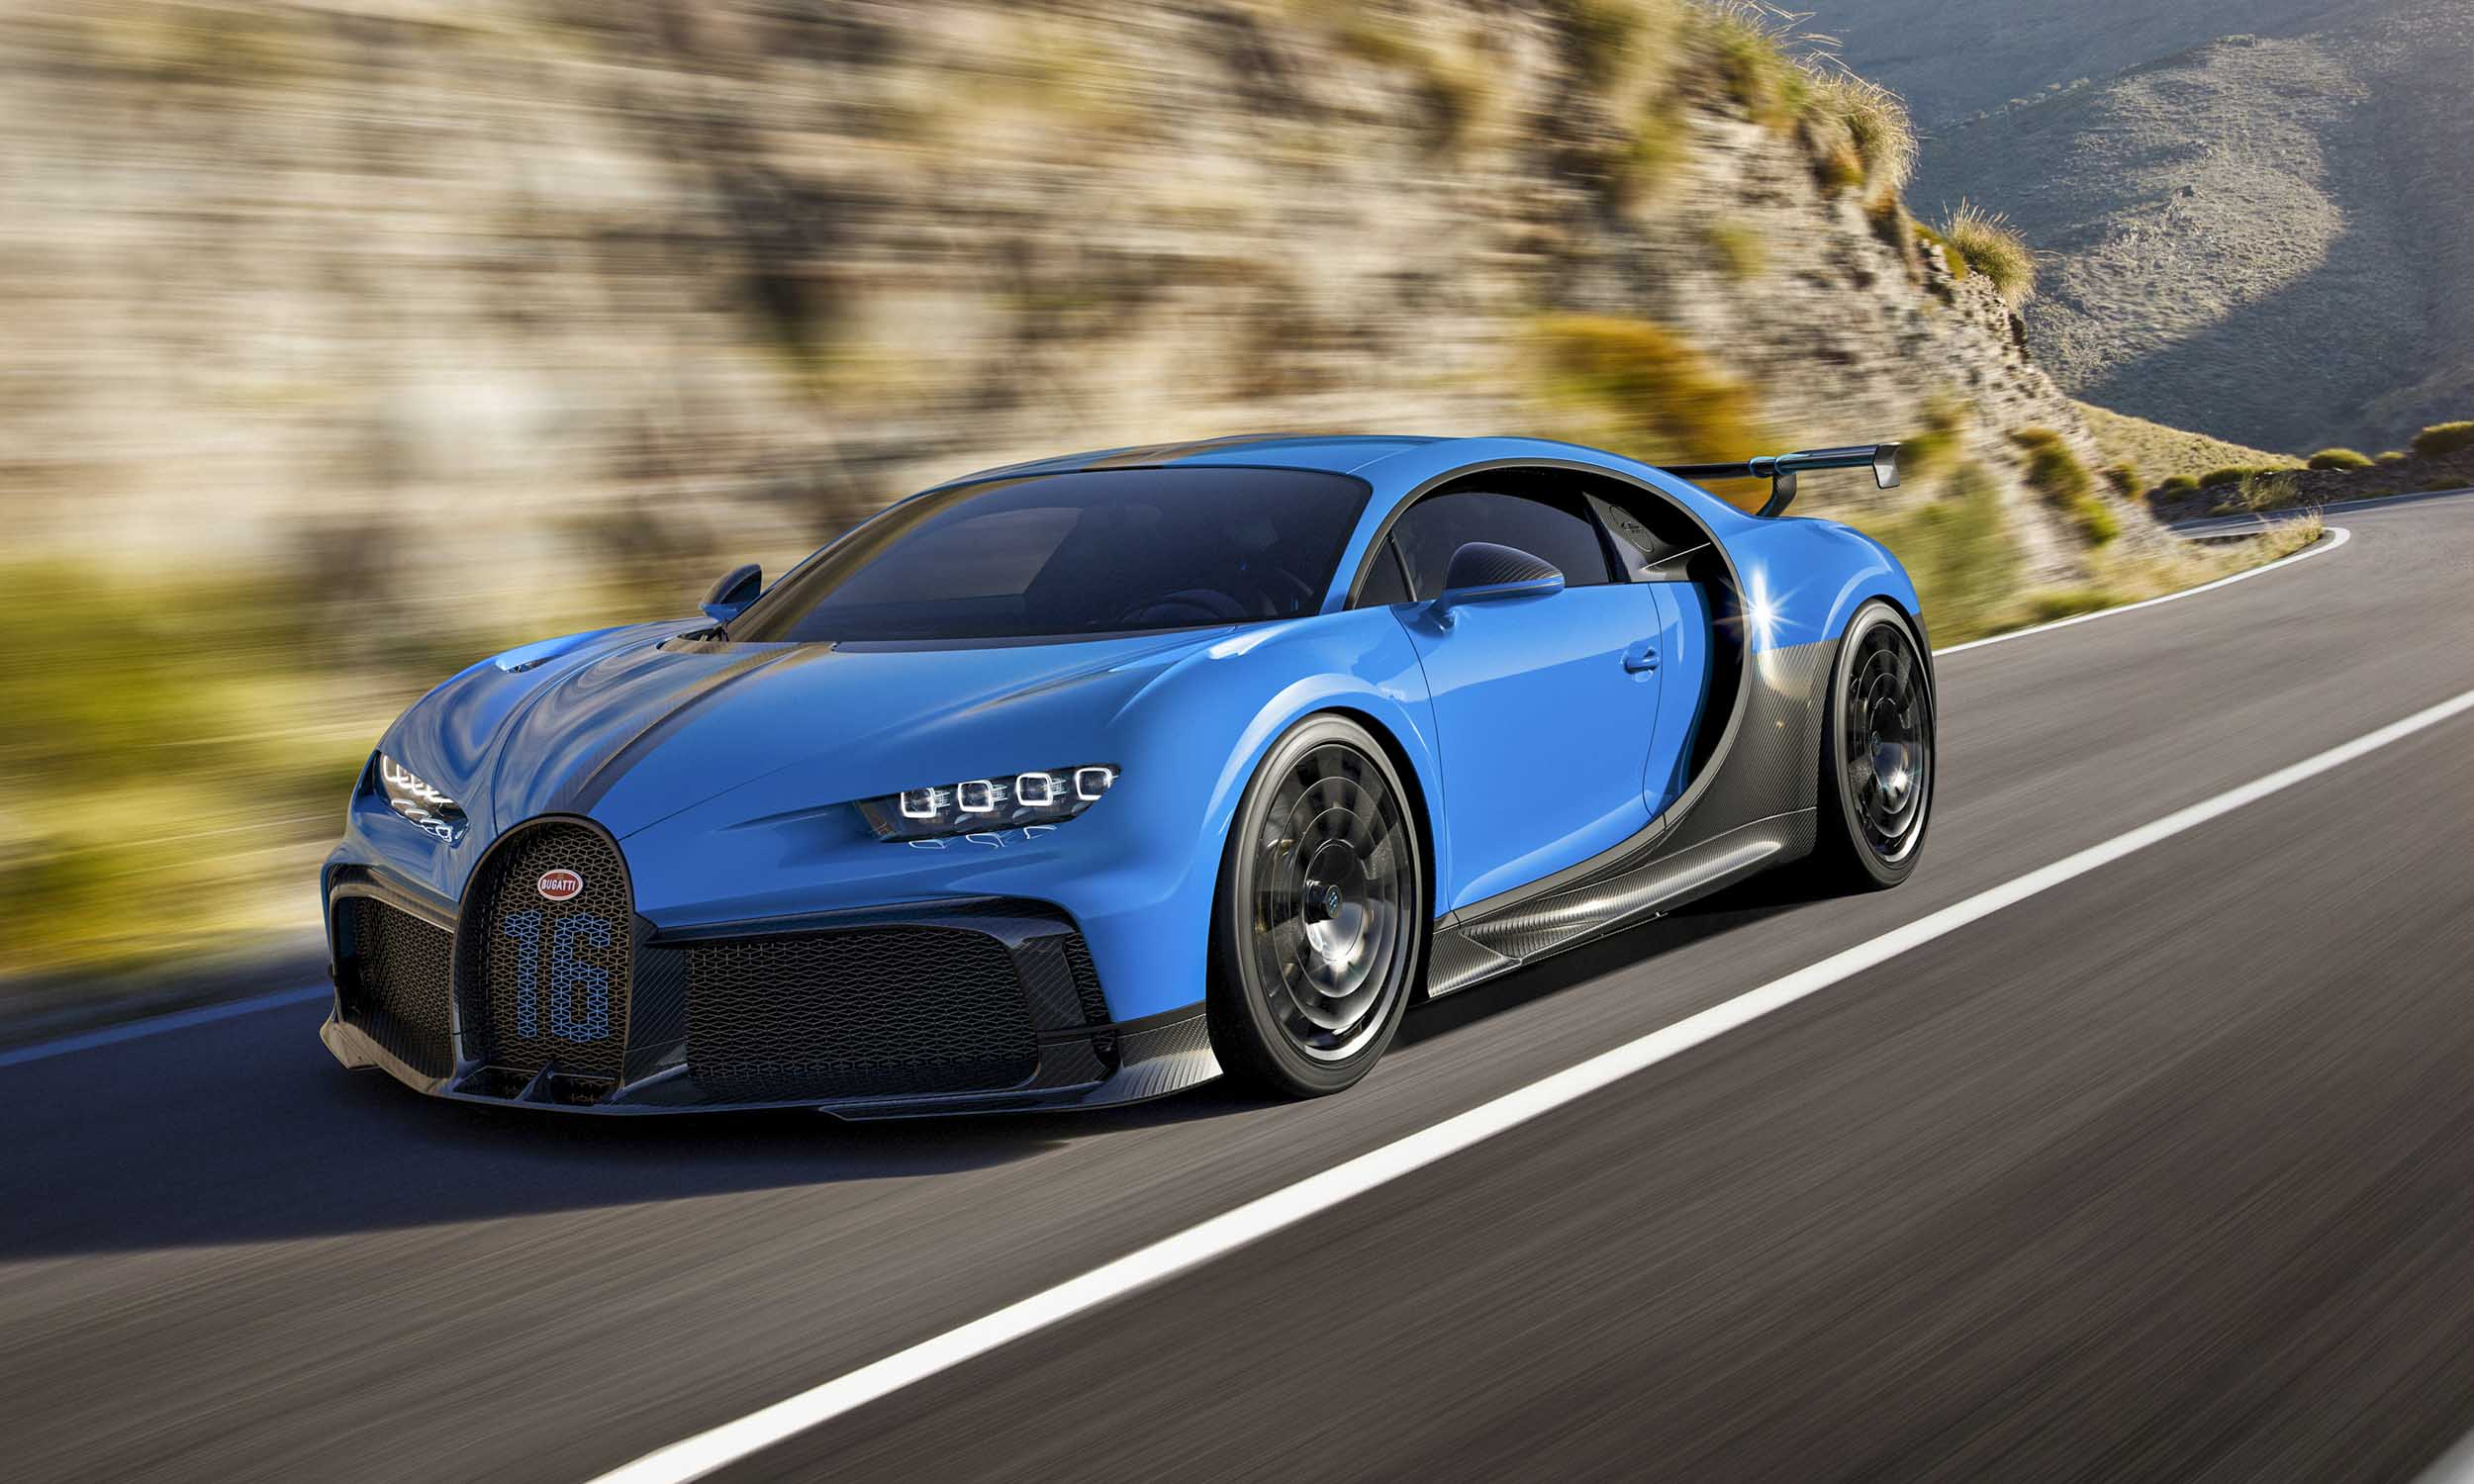 A Tale of Two Bugattisnbsp